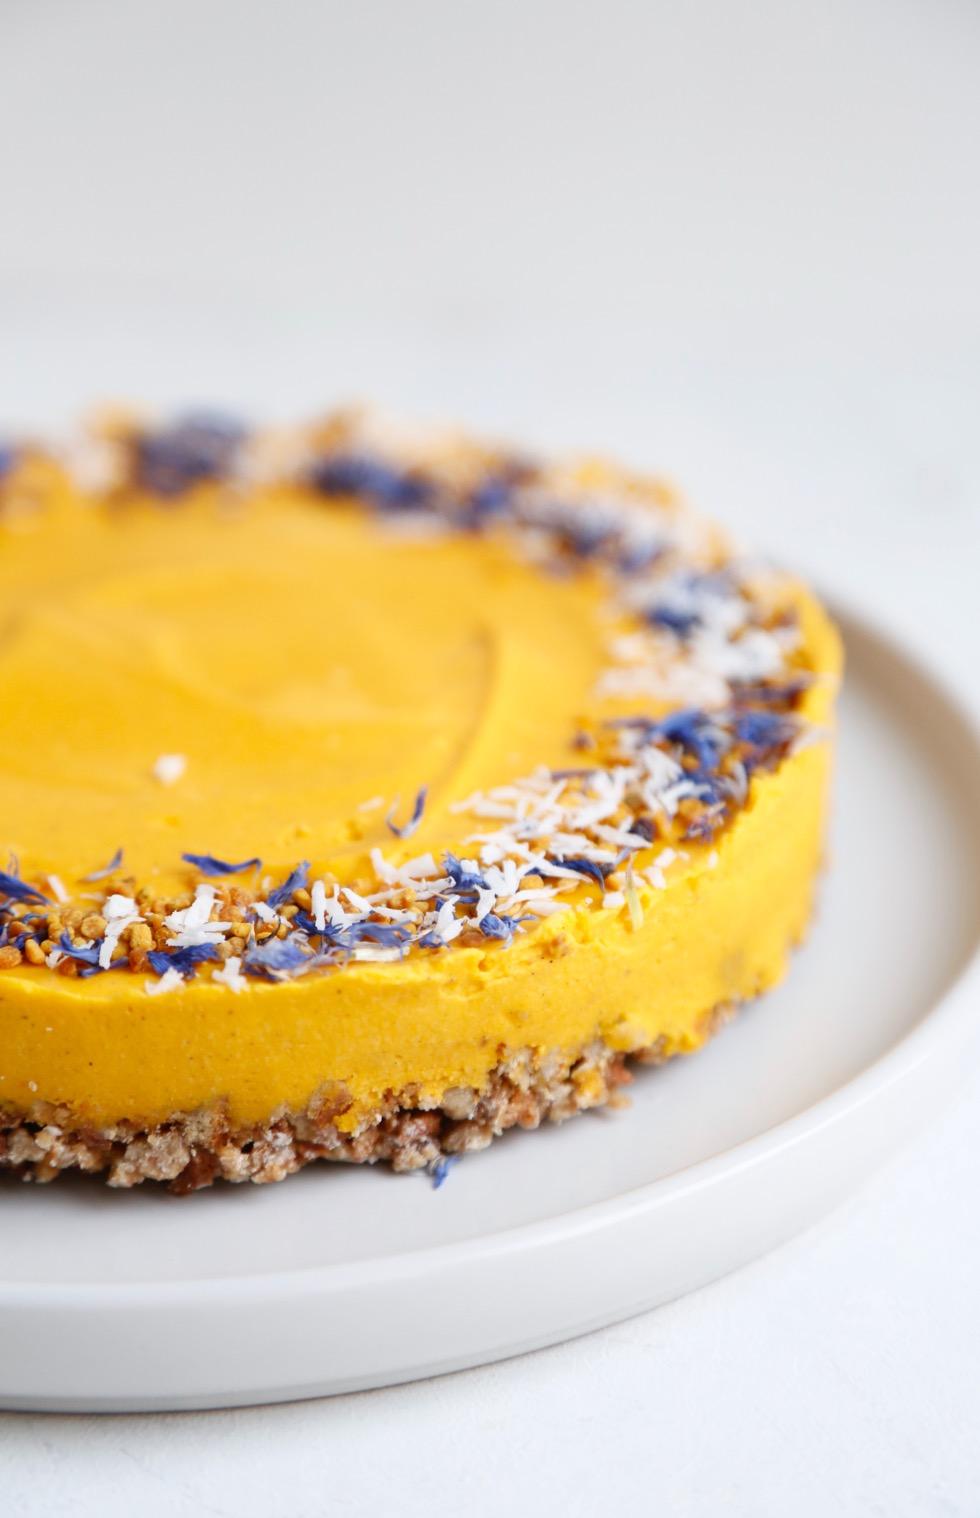 cheesecake-med-kiksebund-og-graeskarcreme-v-gf-1-1